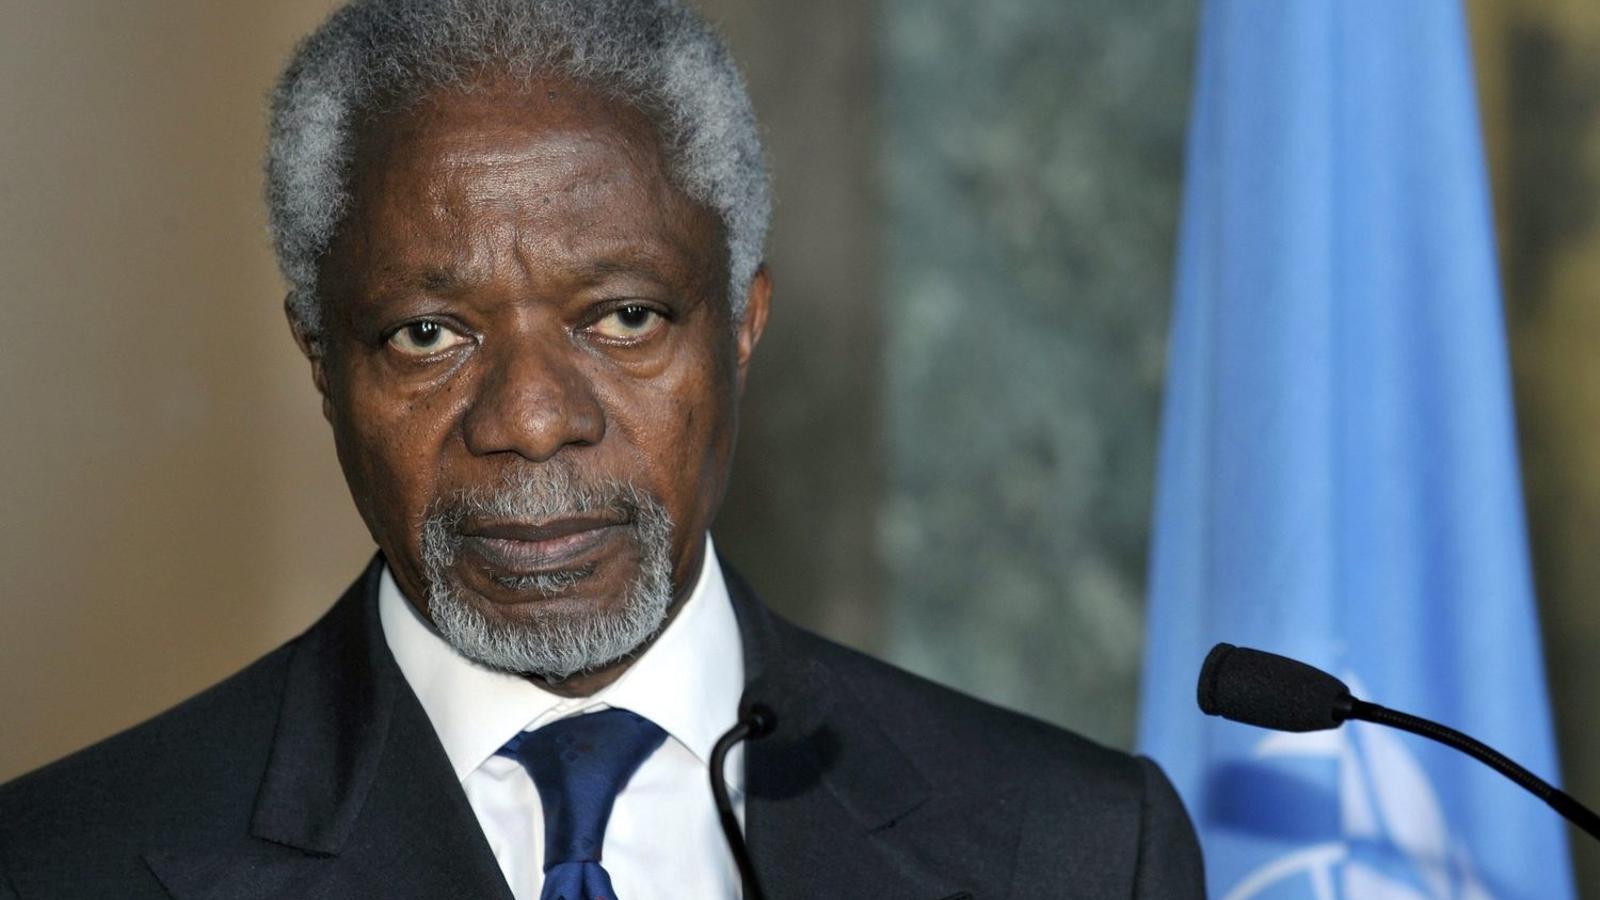 L'exsecretari de les Nacions Unides Kofi Annan en una imatge d'arxiu